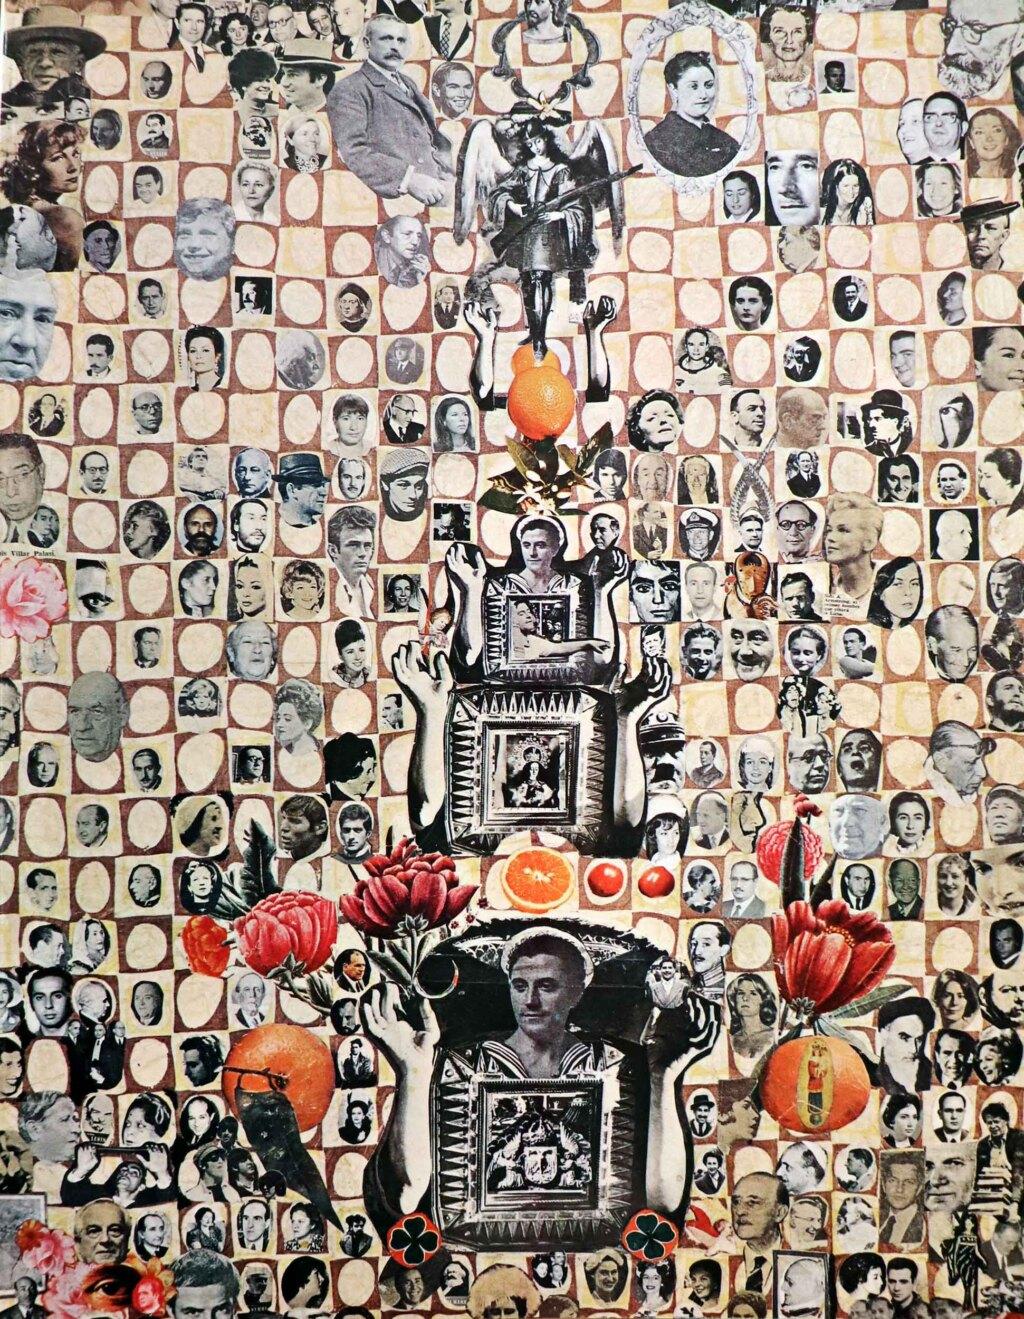 Portada del libro catálogo Gregorio Prieto obras empezadas en 1927 y terminadas en 1980. La portada es un collage donde aparecen numerosos rostros en blanco y negro del siglo 20. Desde John Lennon a Wiston Churchill